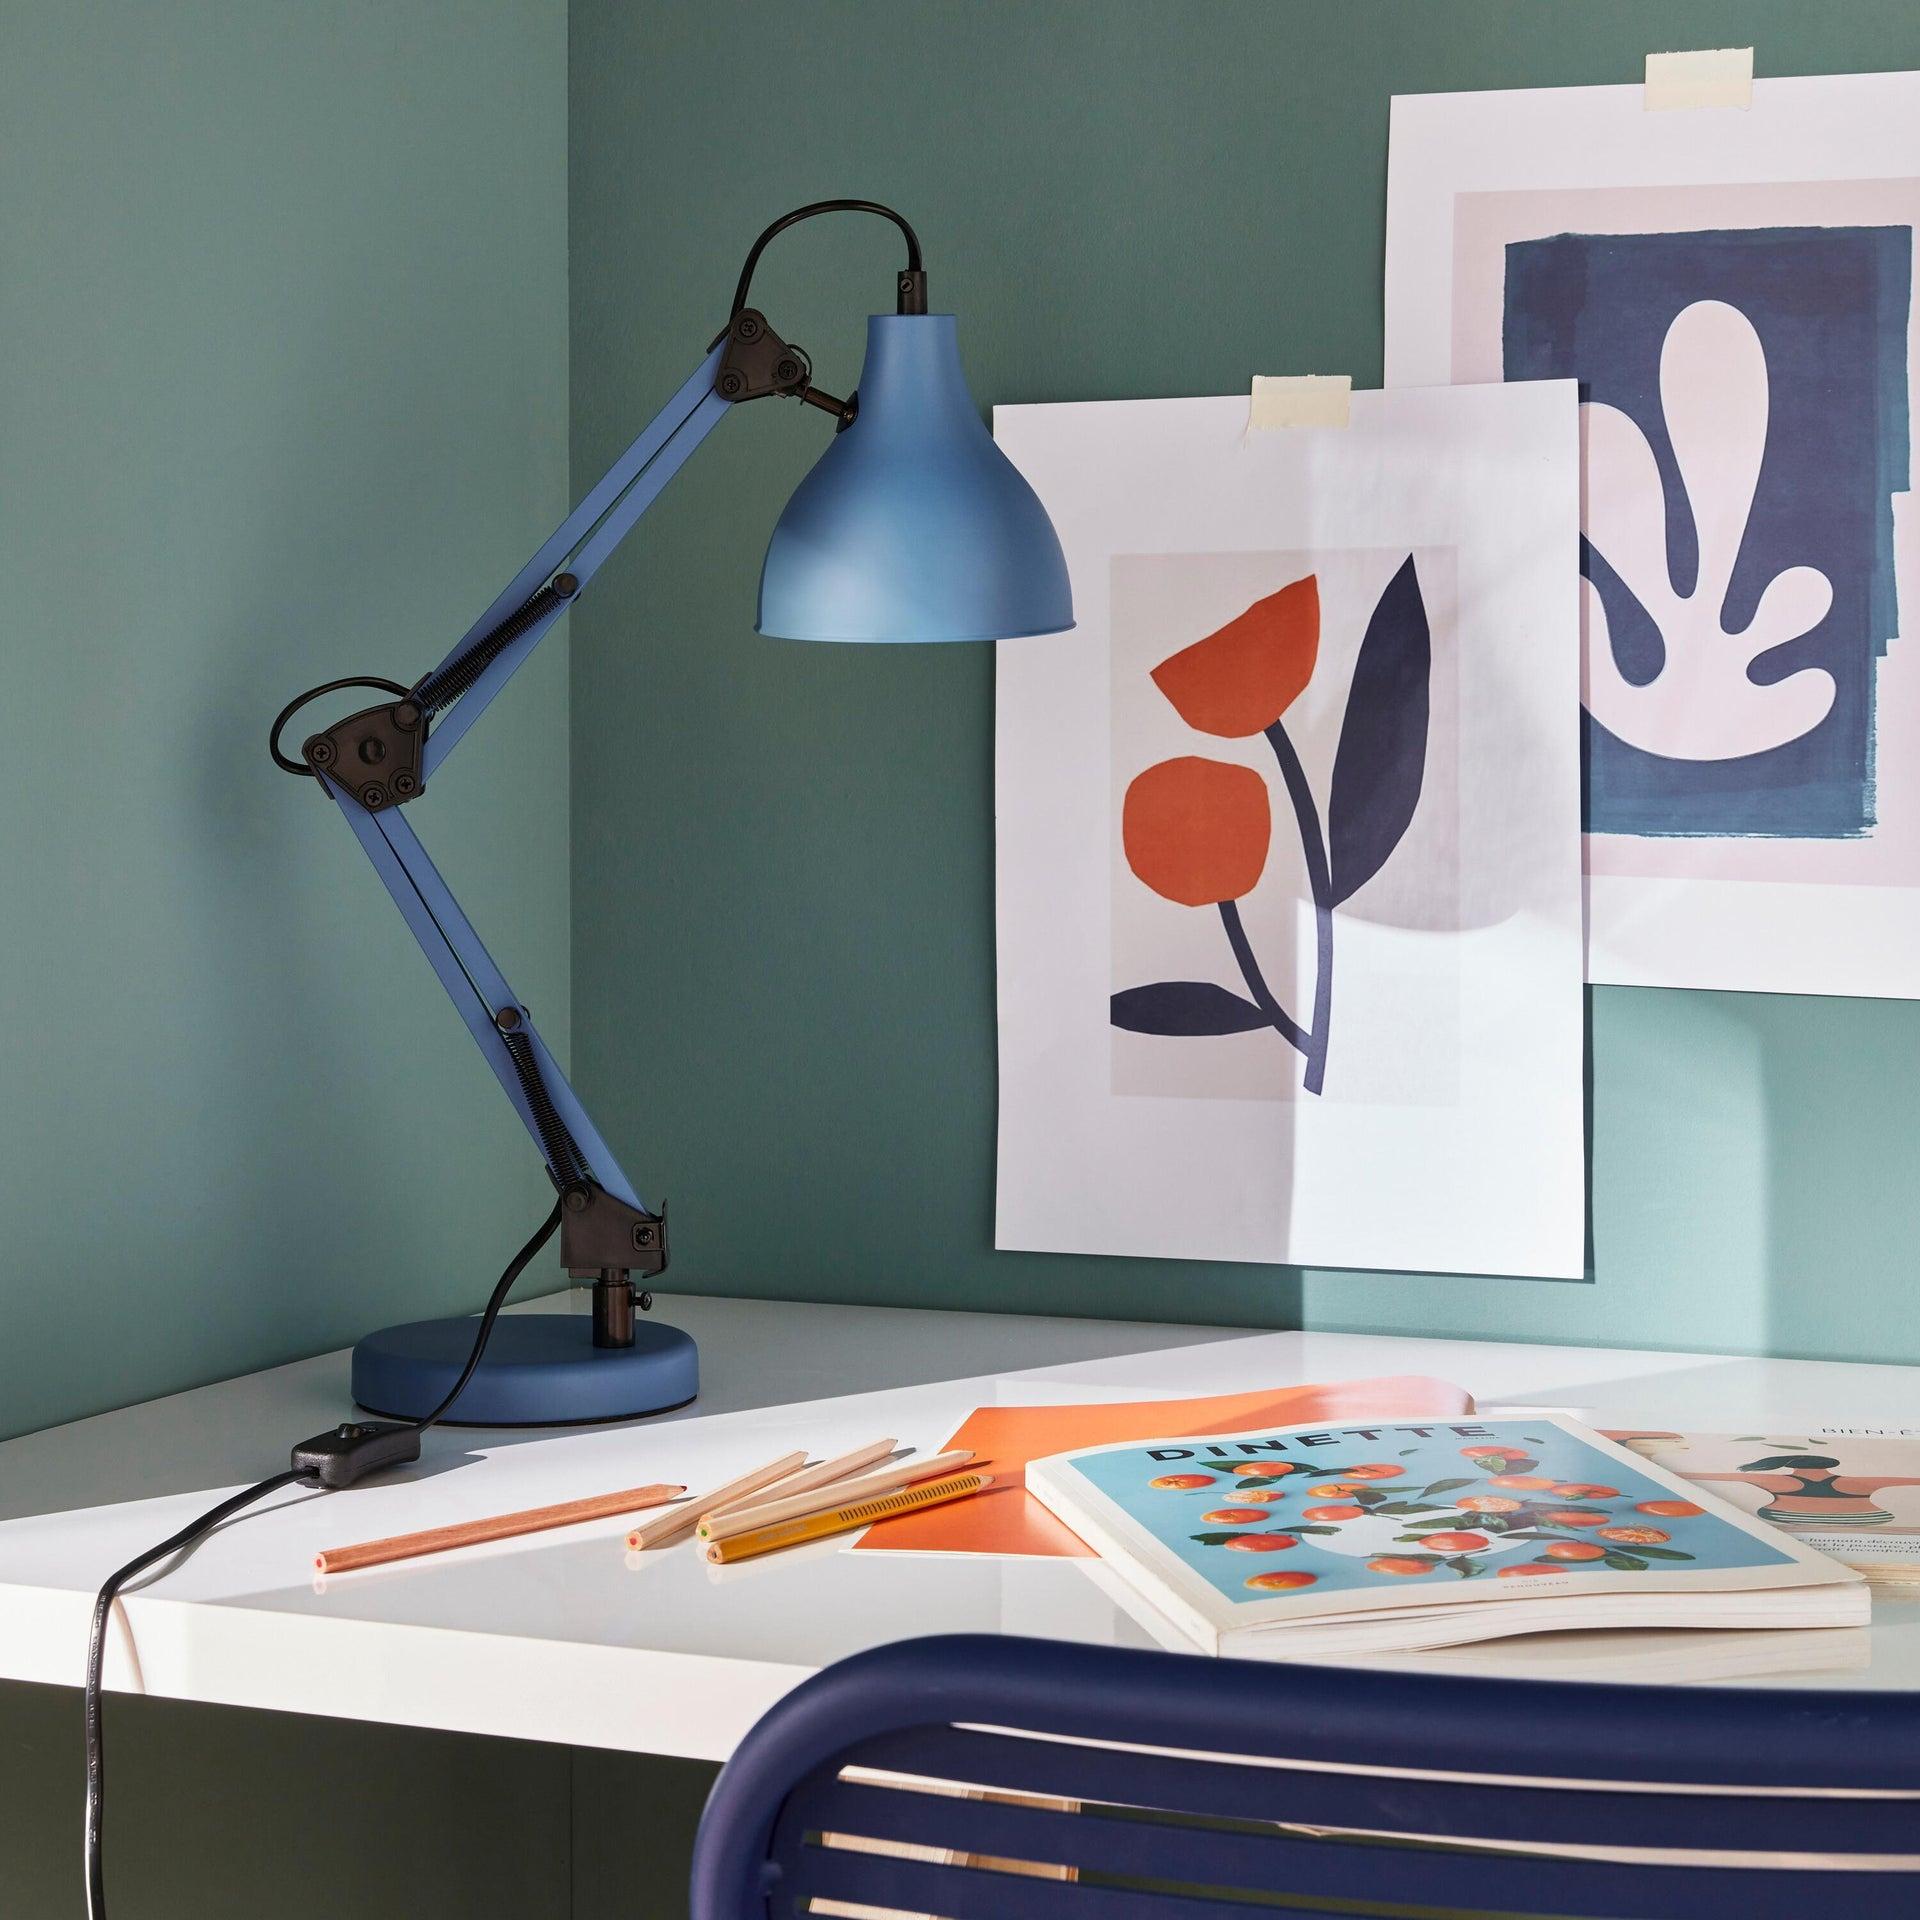 Lampada da scrivania Pop Ennis blu , in metallo, INSPIRE - 1